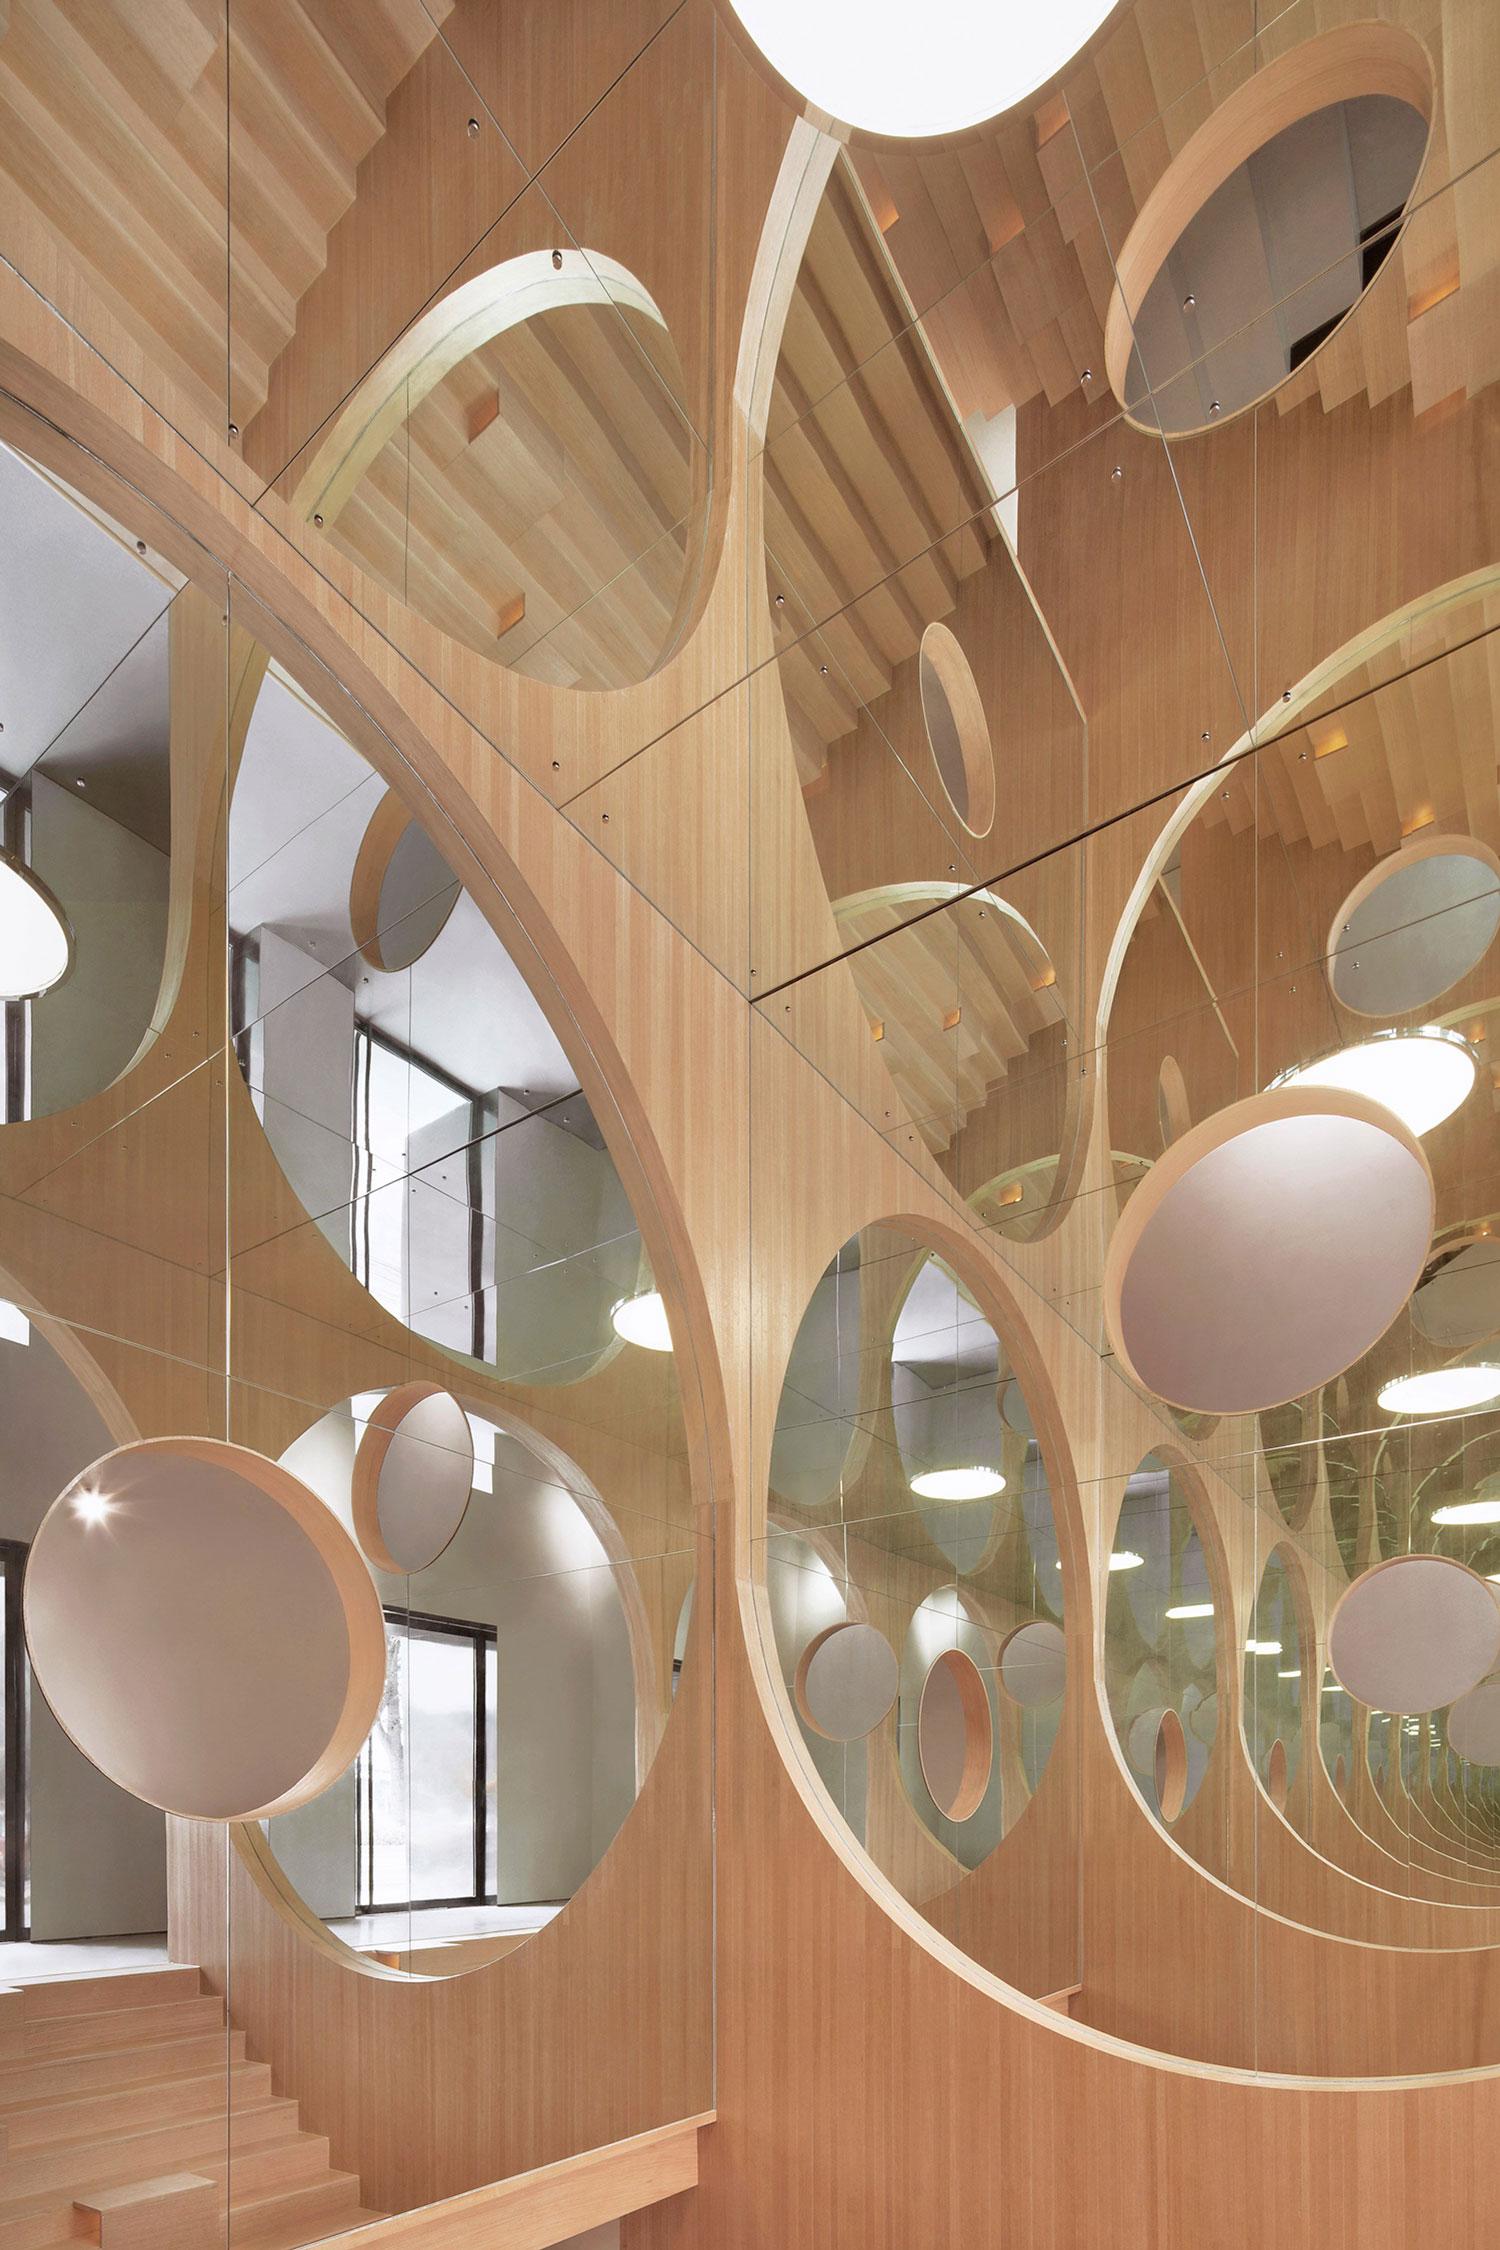 Hongkun Art Auditorium in Beijing, China by Penda | Yellowtrace